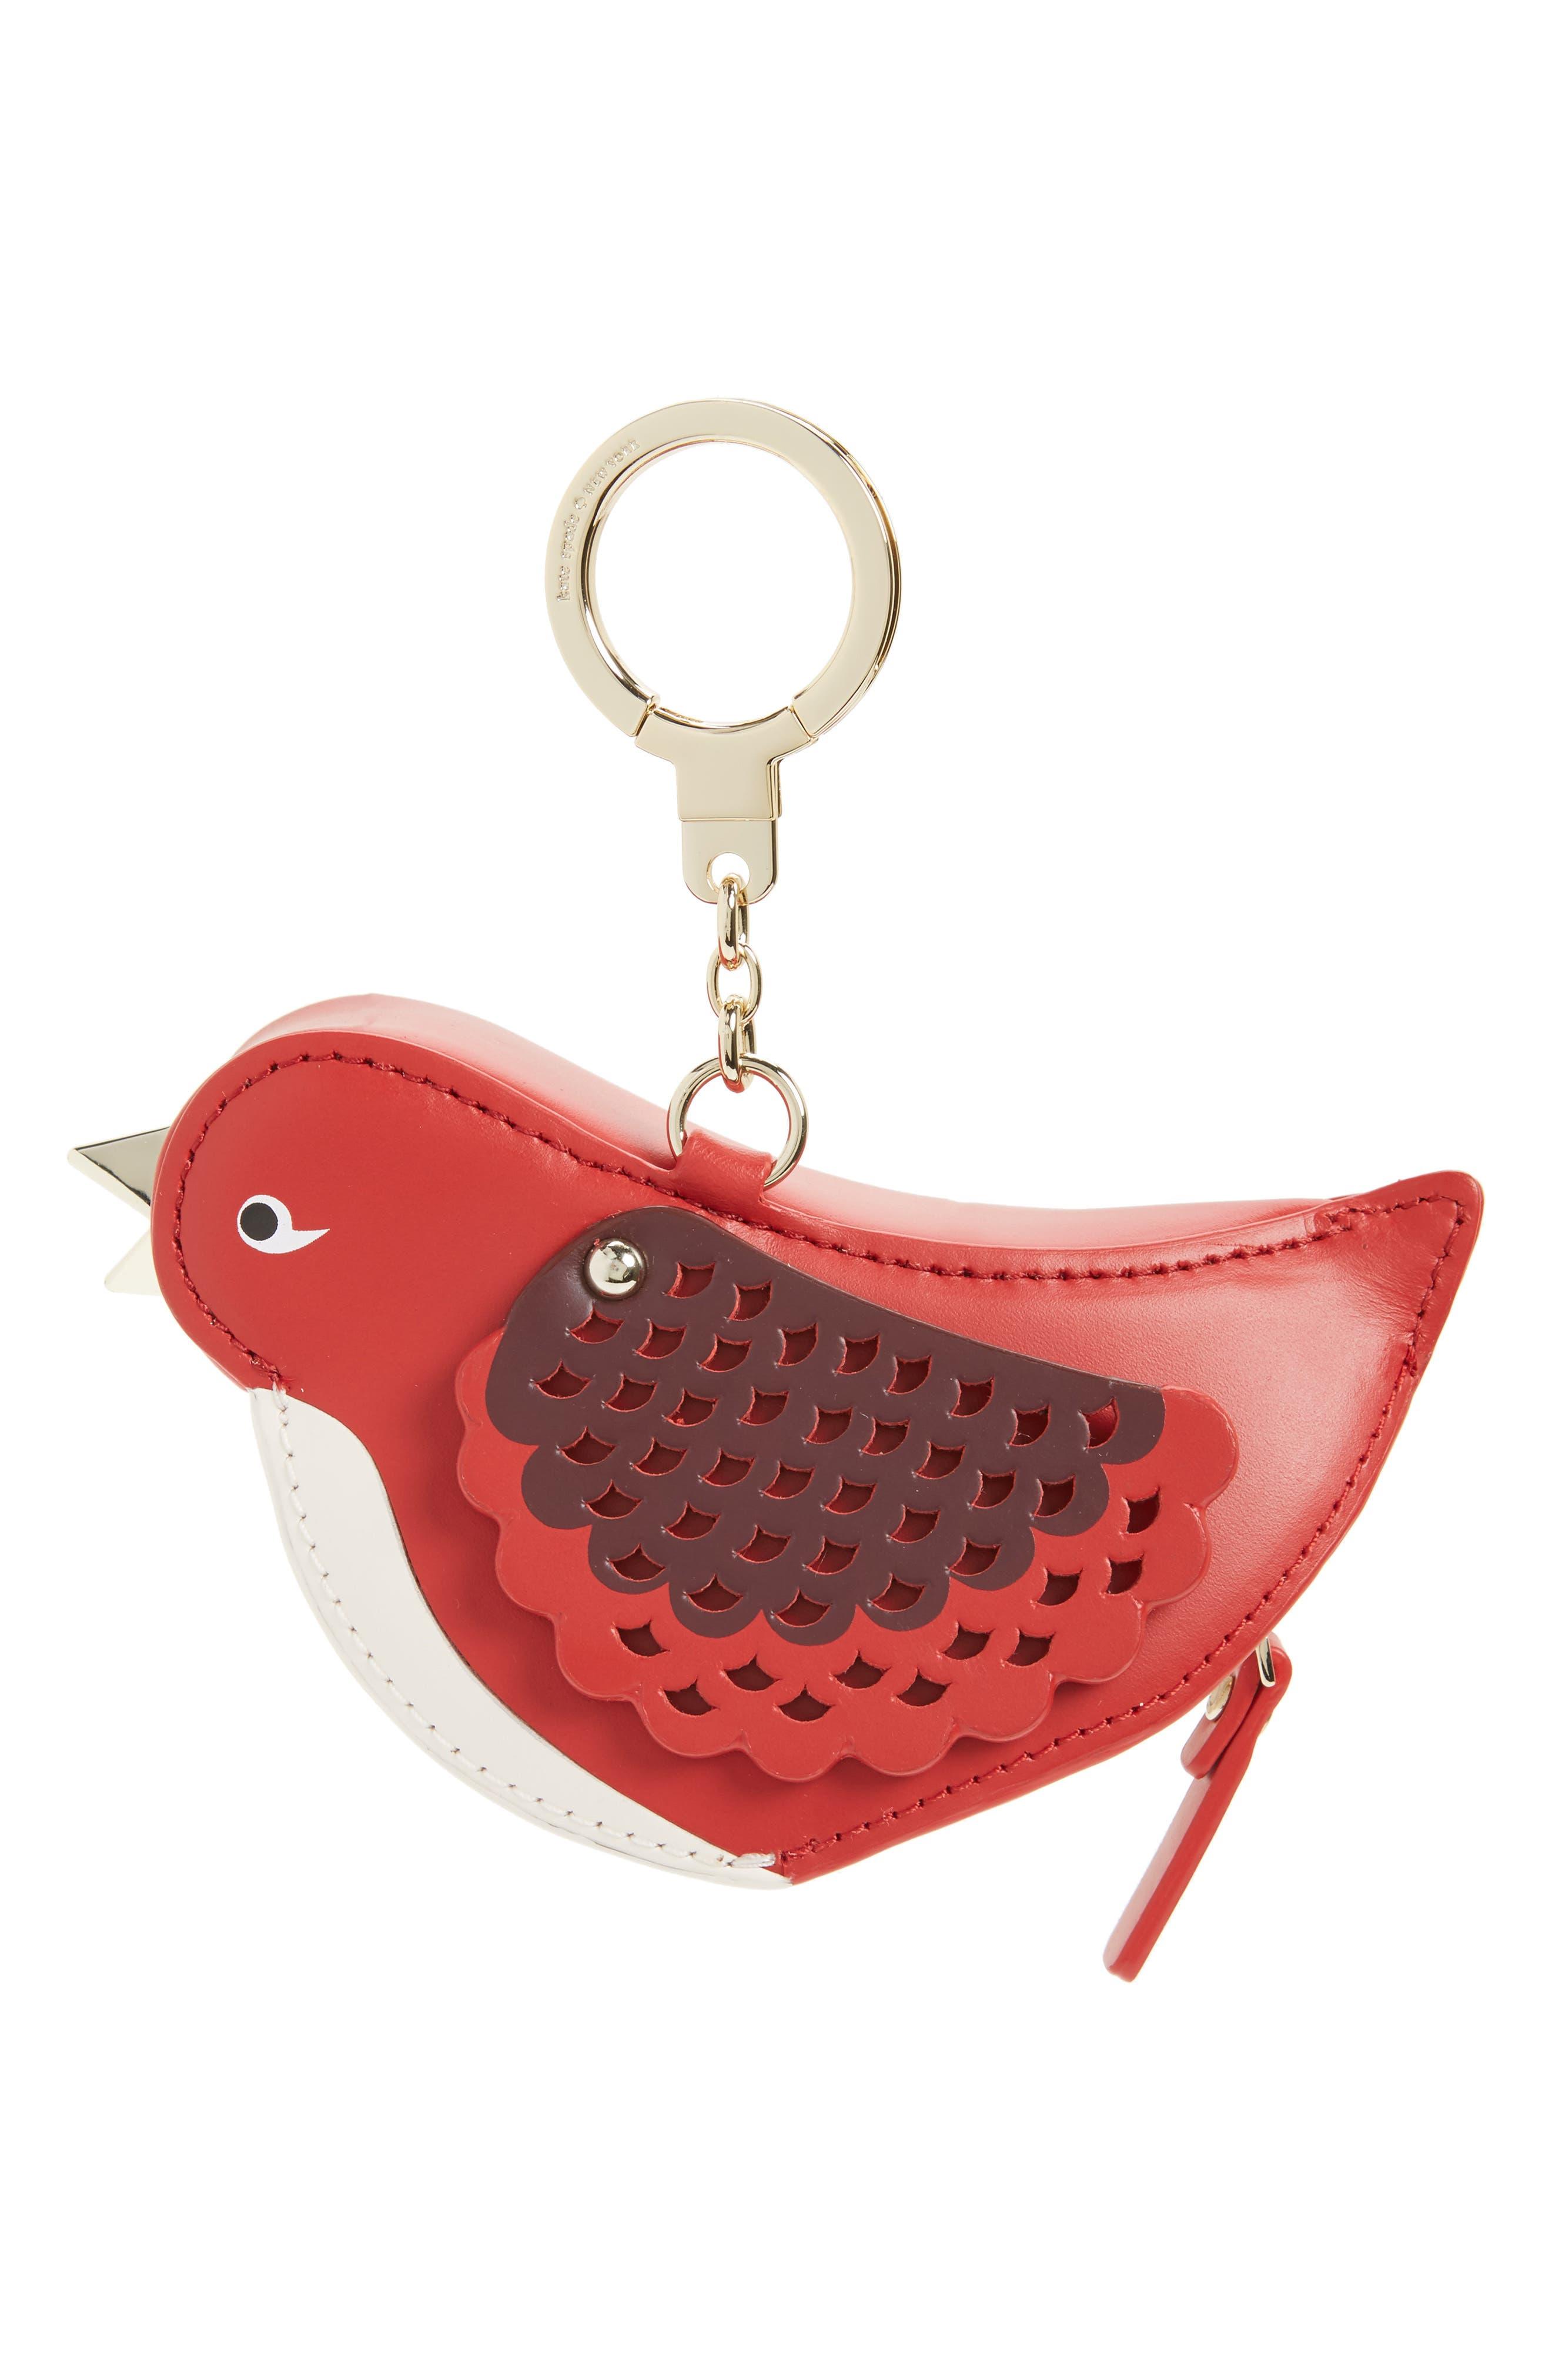 kate spade new york ooh la la 3d bird leather coin purse